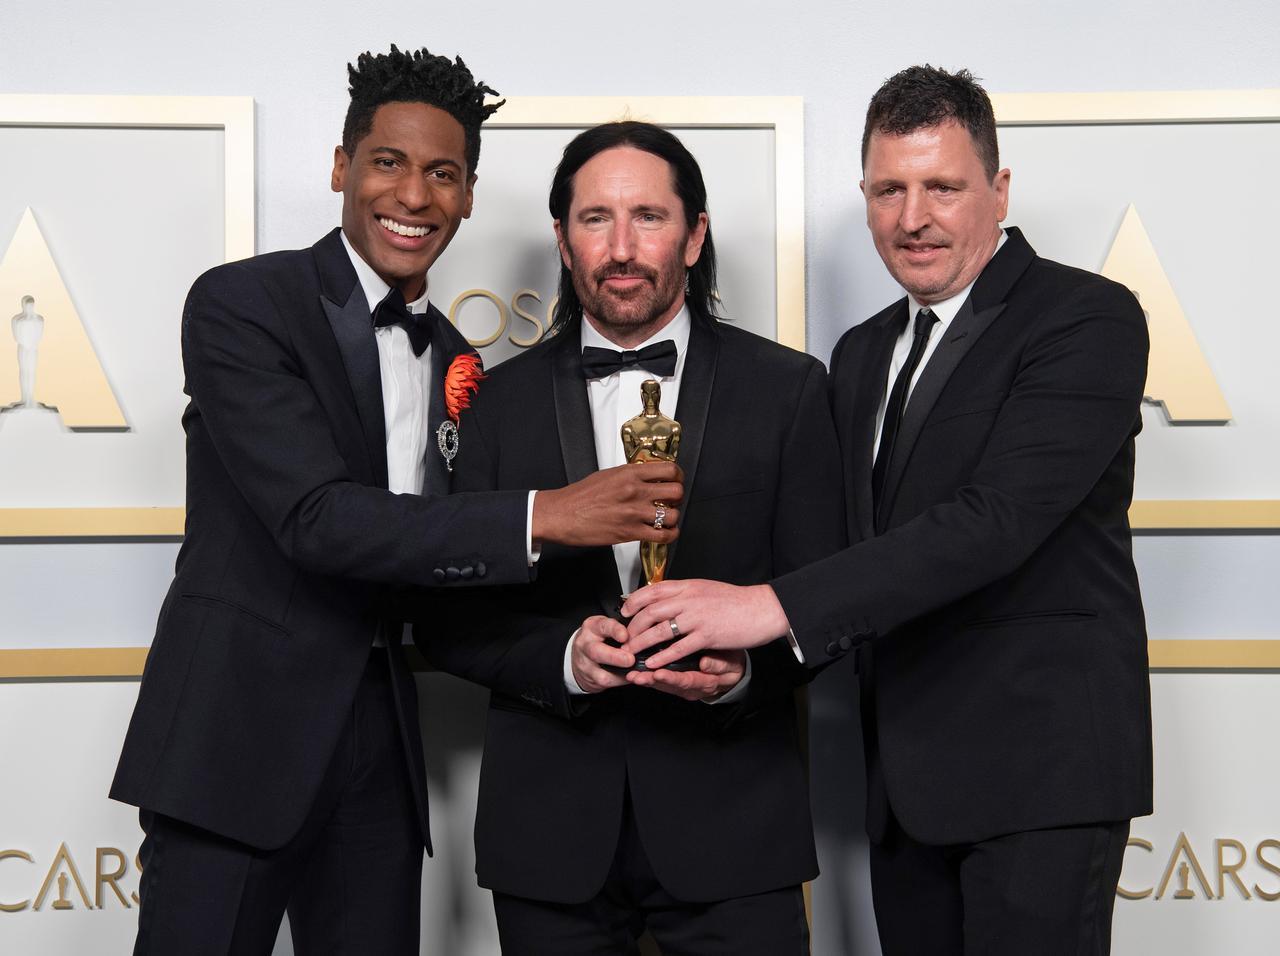 画像: 今年の第93回グラミー賞にて、ジョン・バティステ(左)と共に作曲賞を受賞したトレント・レズナー(中央)とアッティカス・ロス(右)。